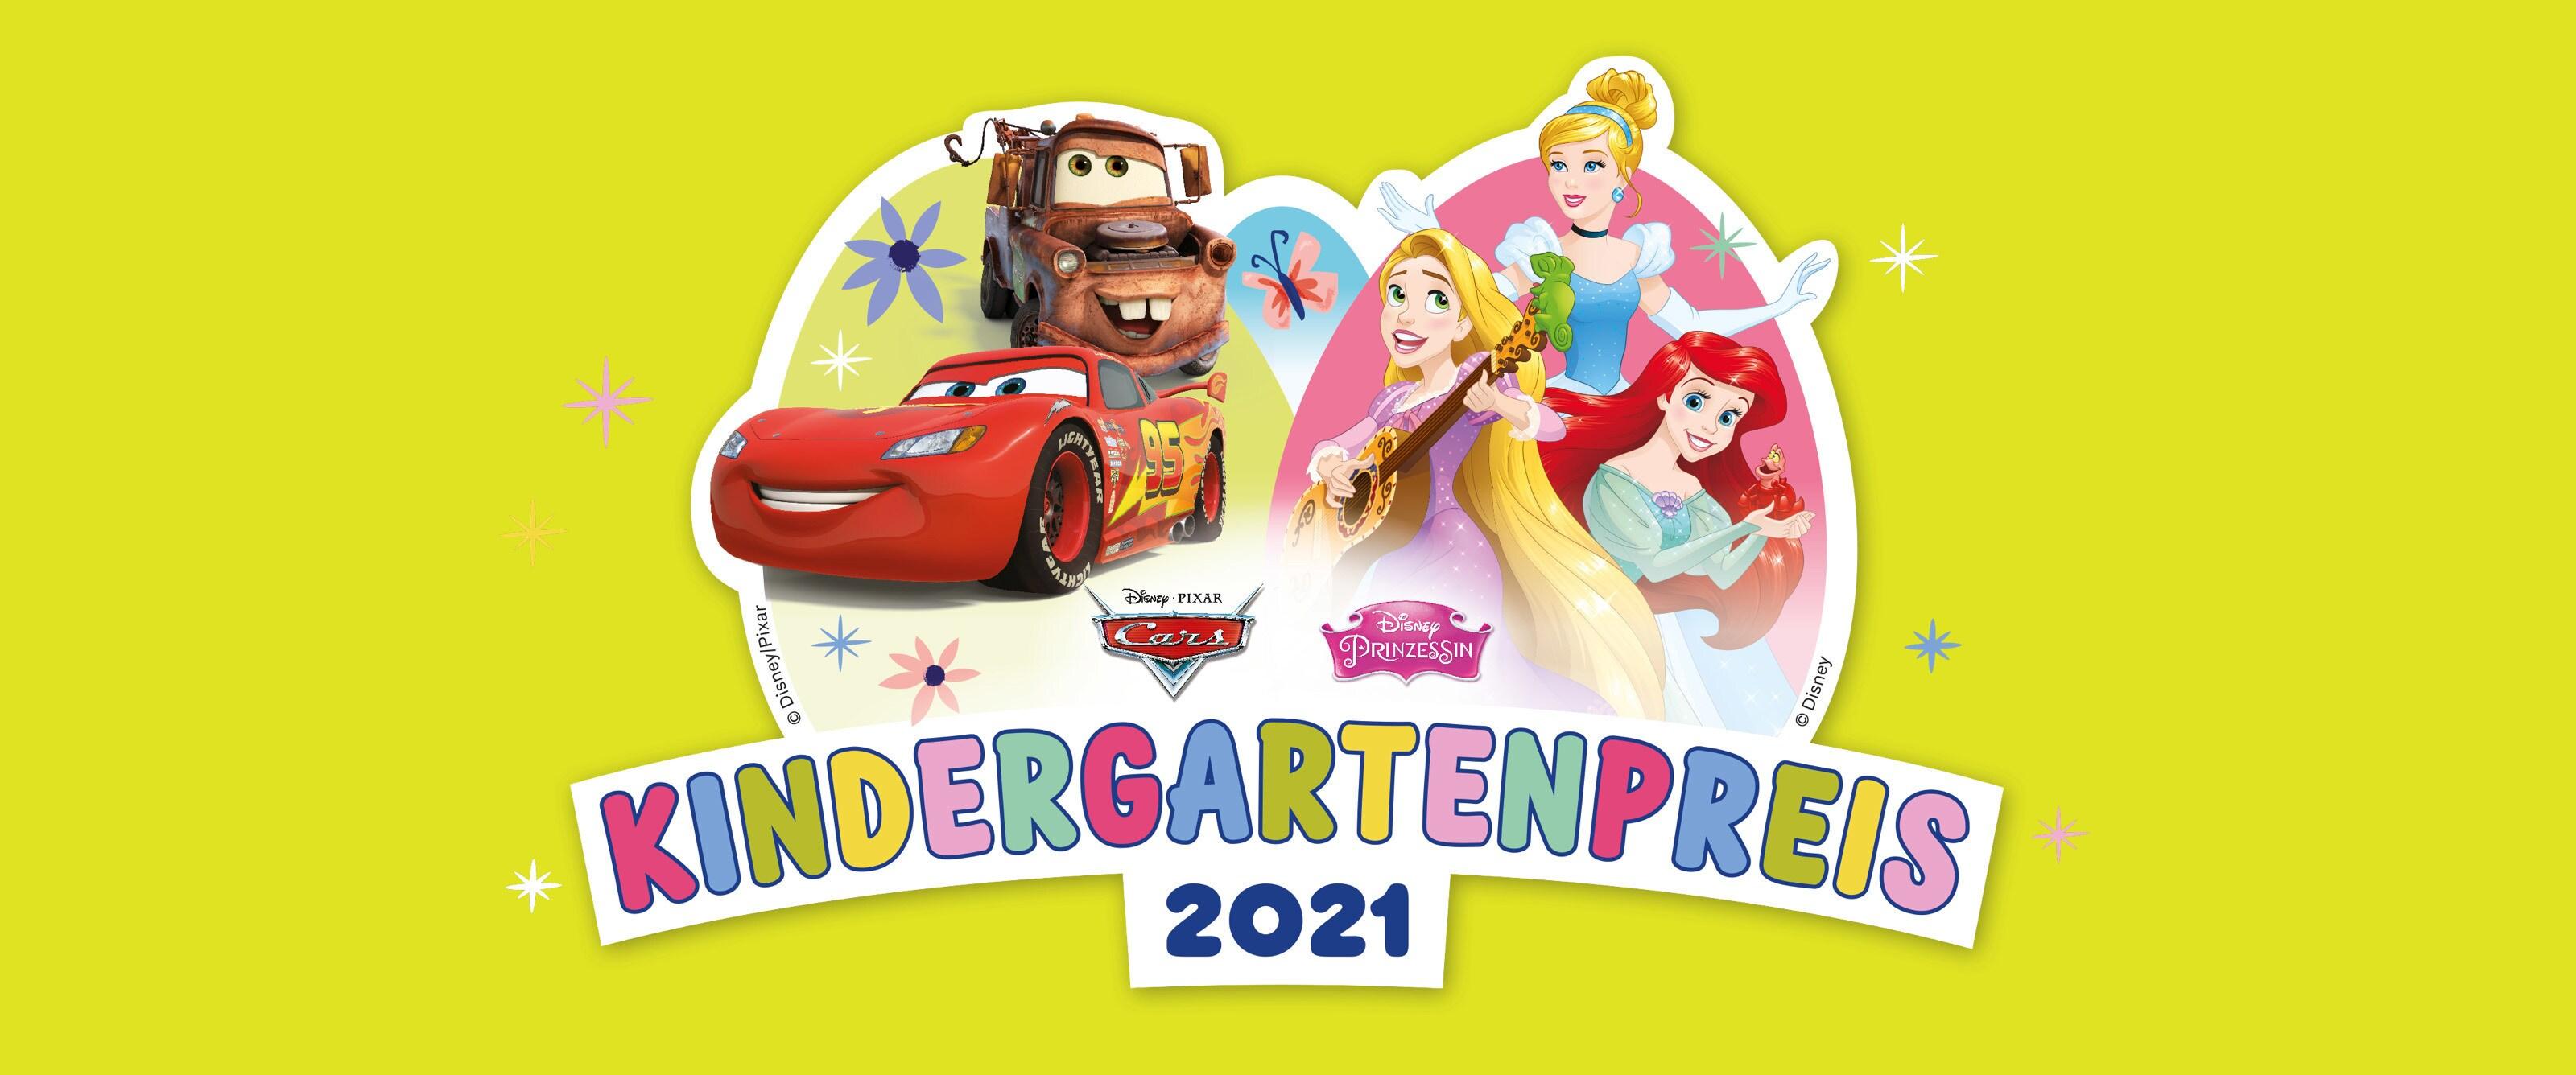 Disney Kindergartenpreis